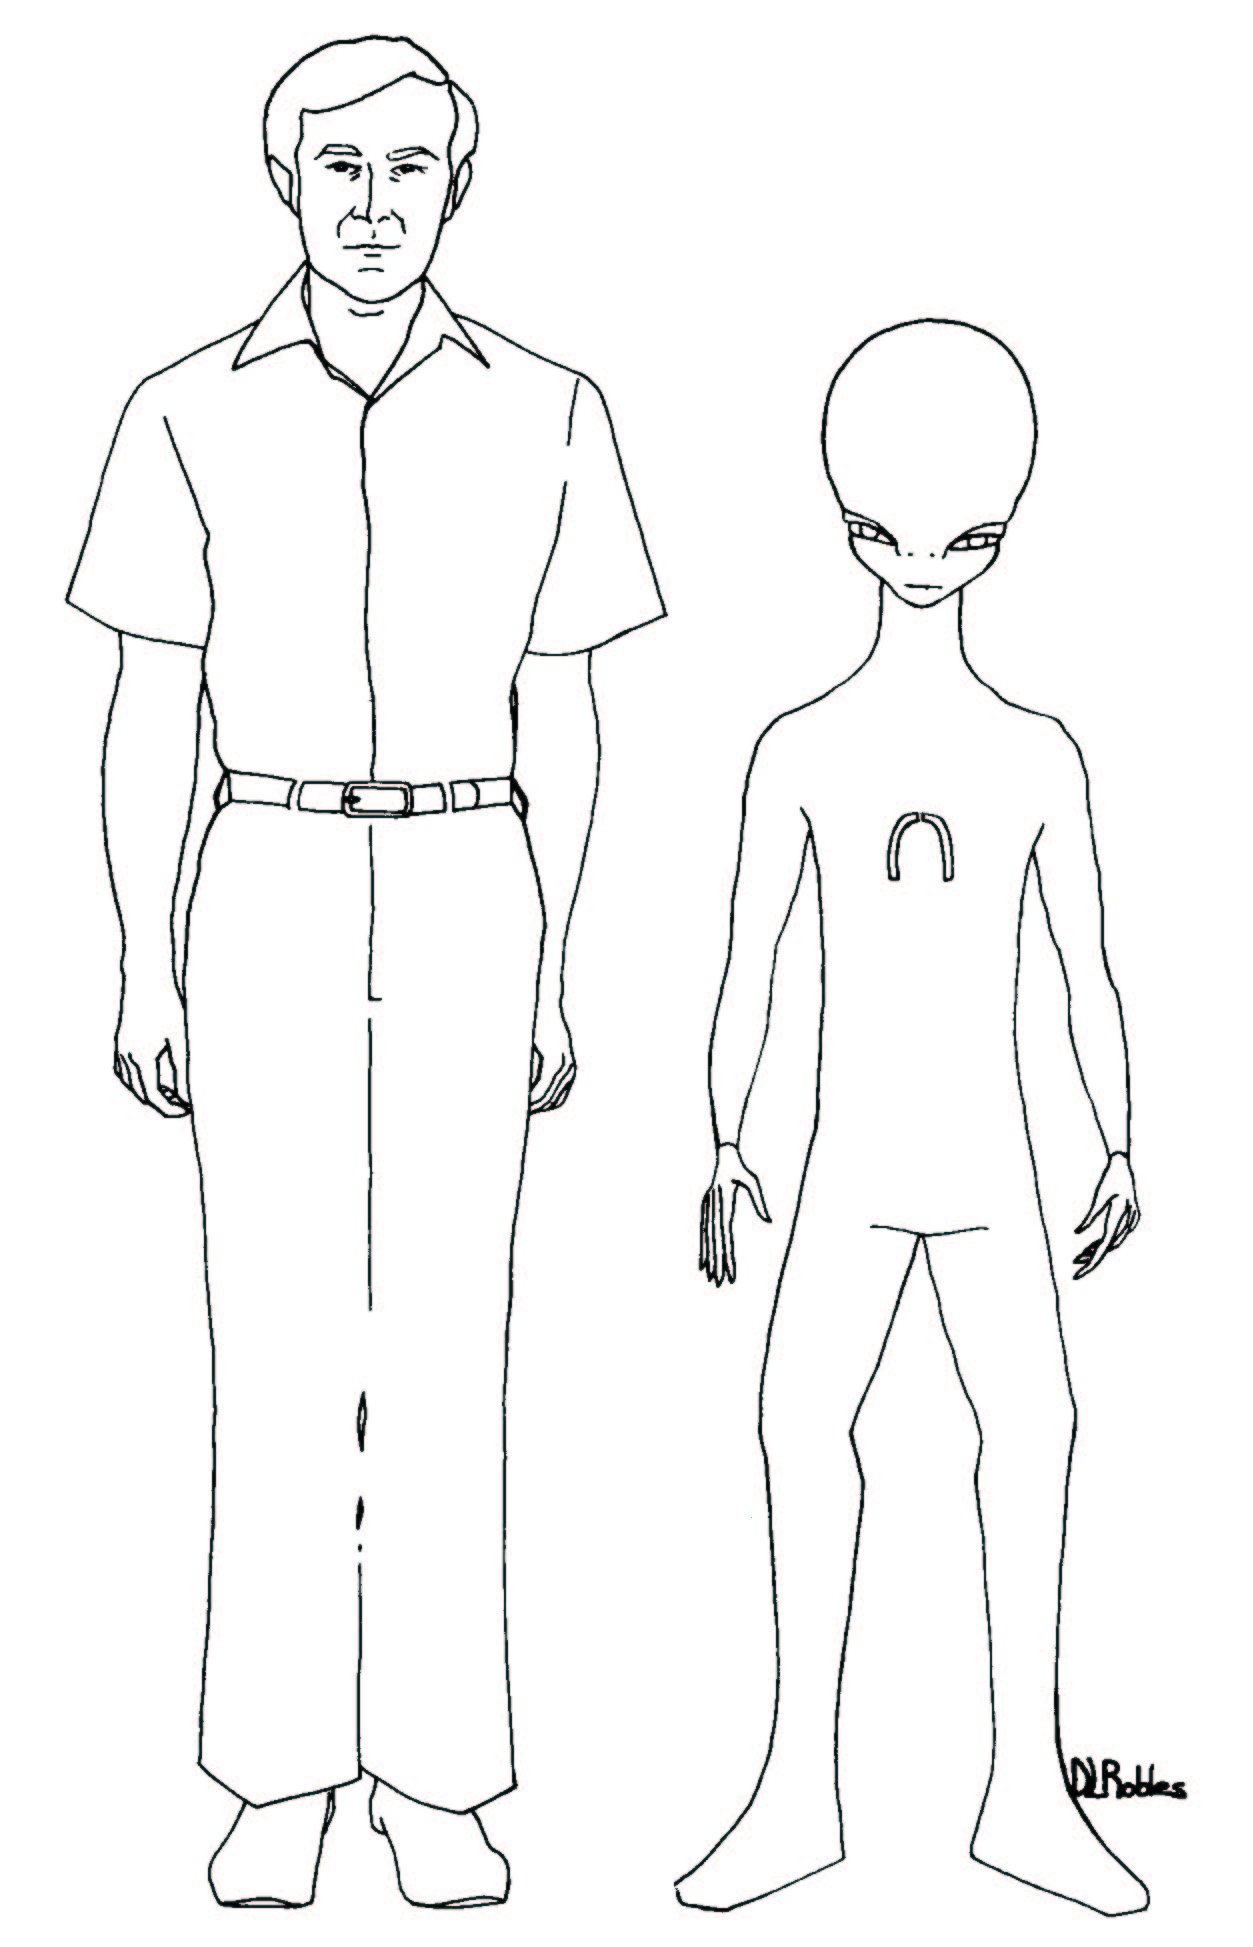 Les différentes morphologies d'extraterrestres - Page 2 Portraitcompositedeborahlrobes